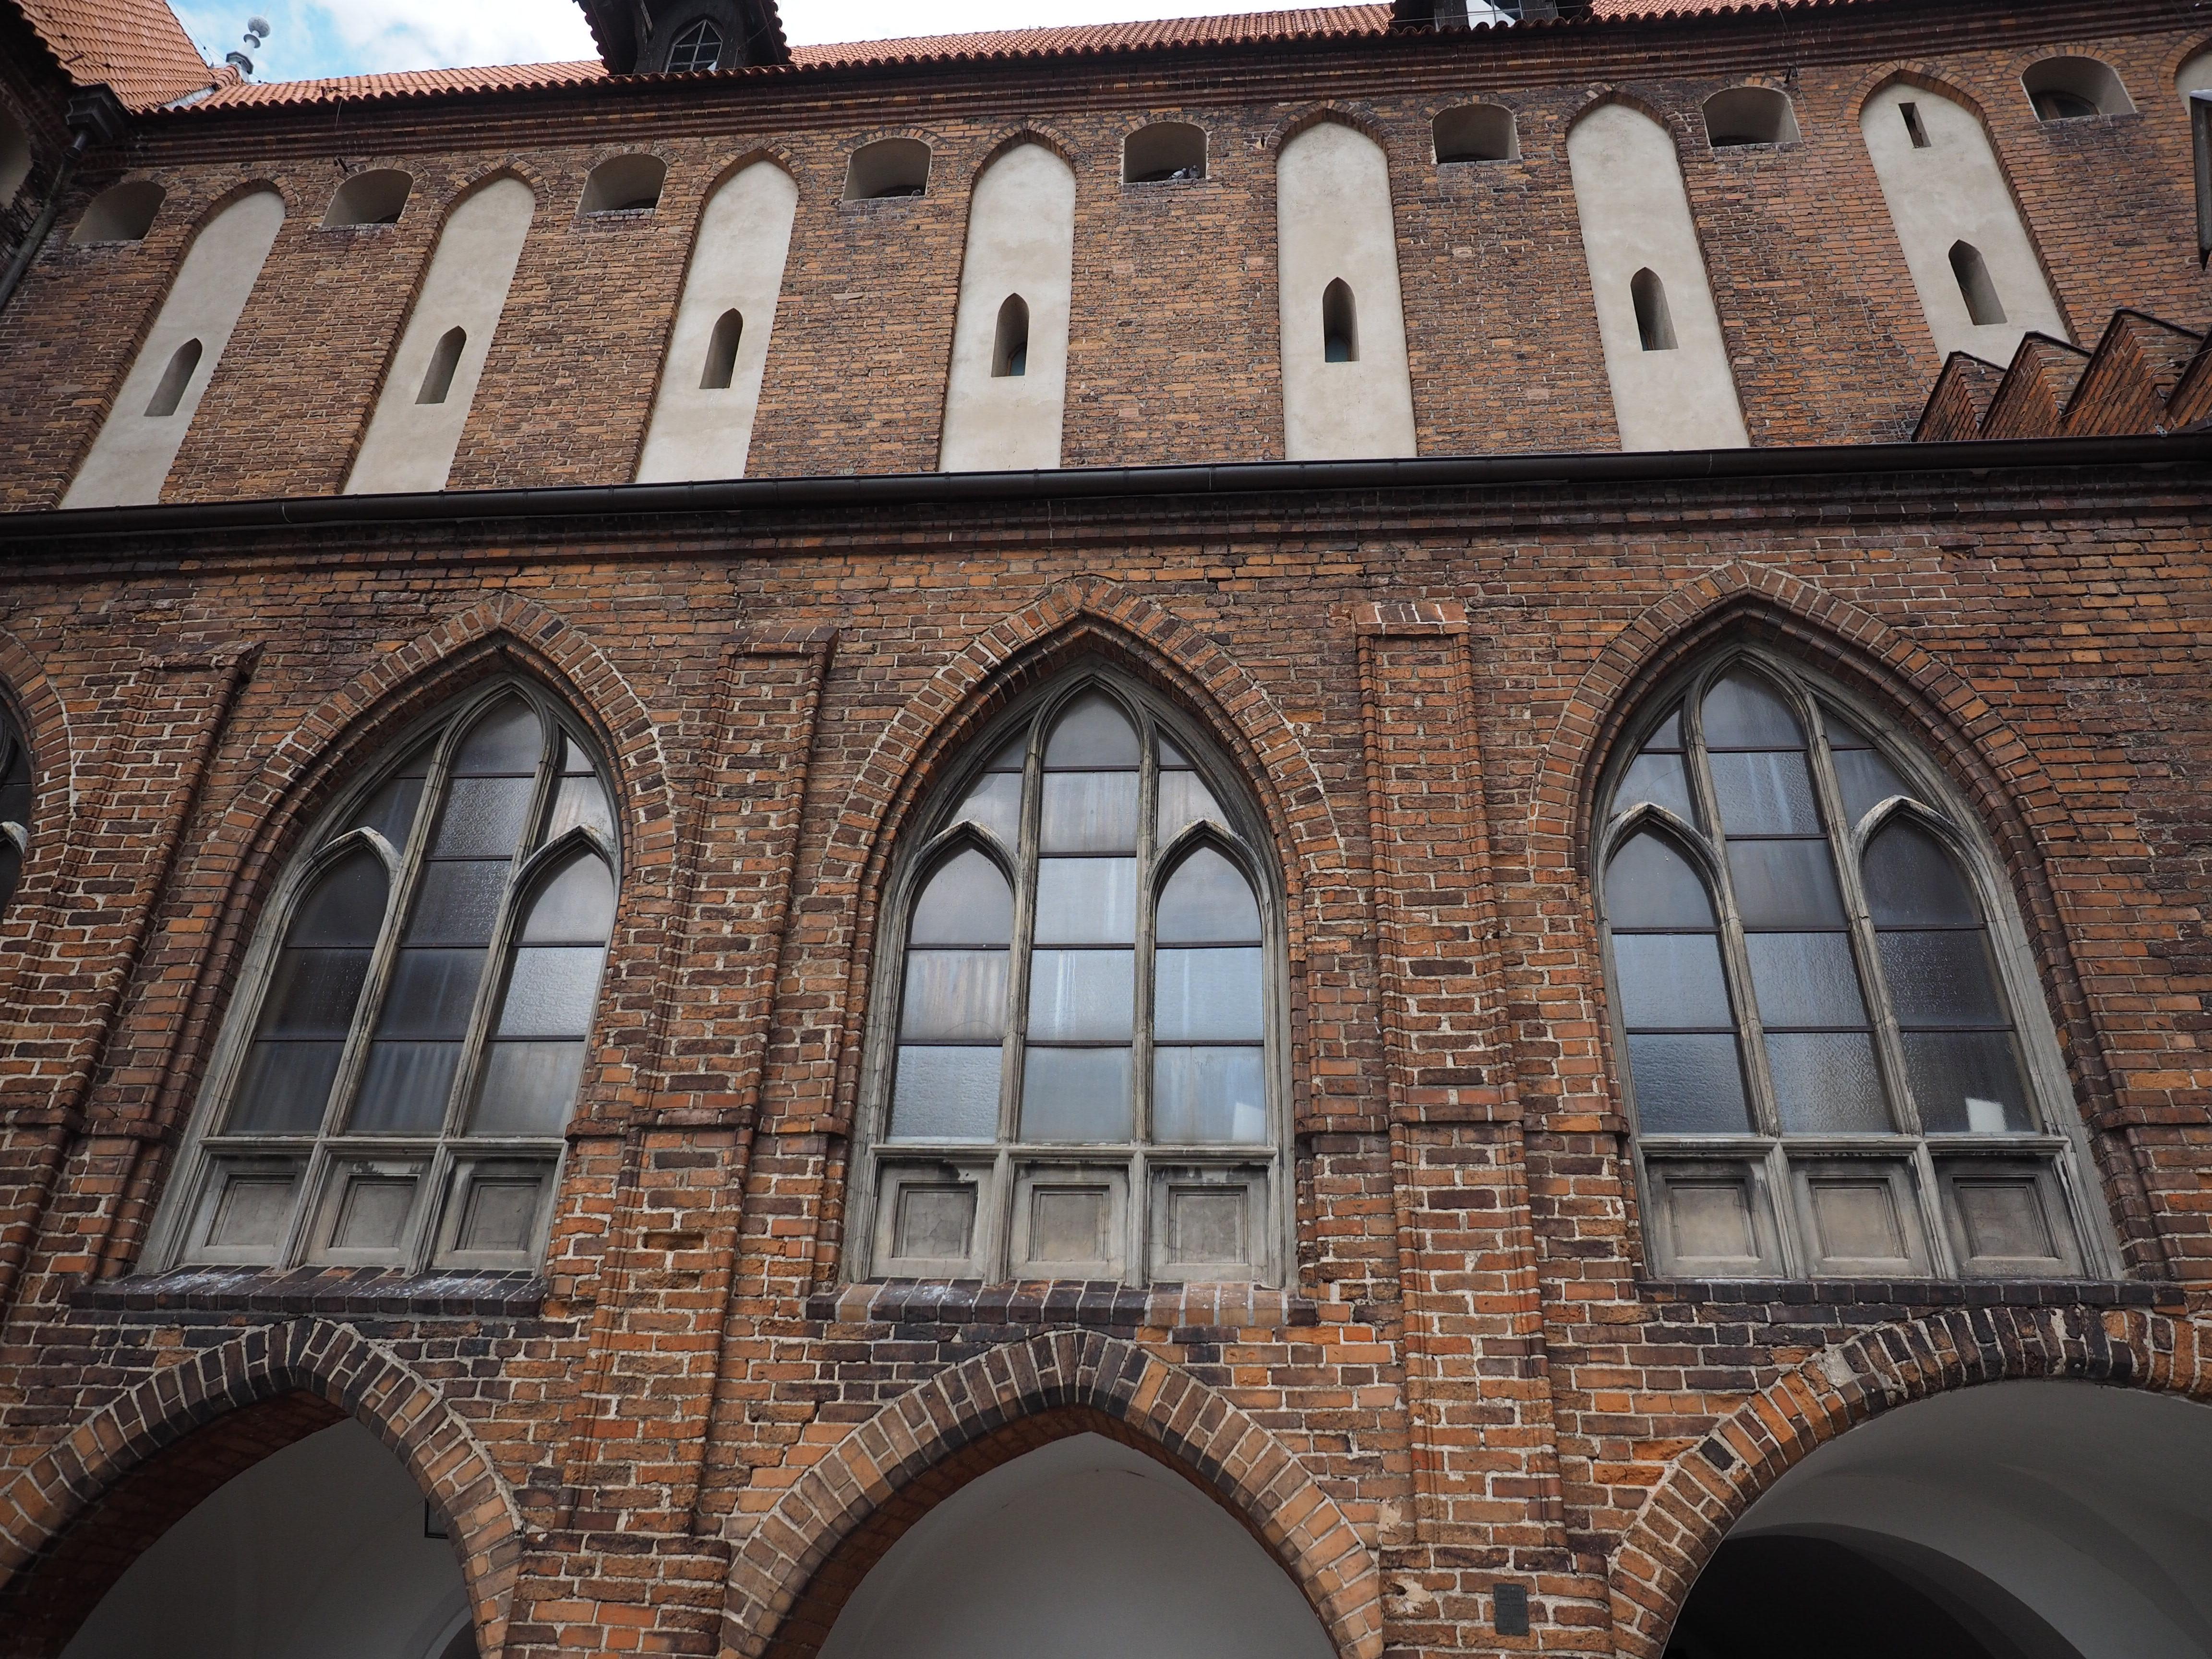 filekwidzyn castle windowsjpg